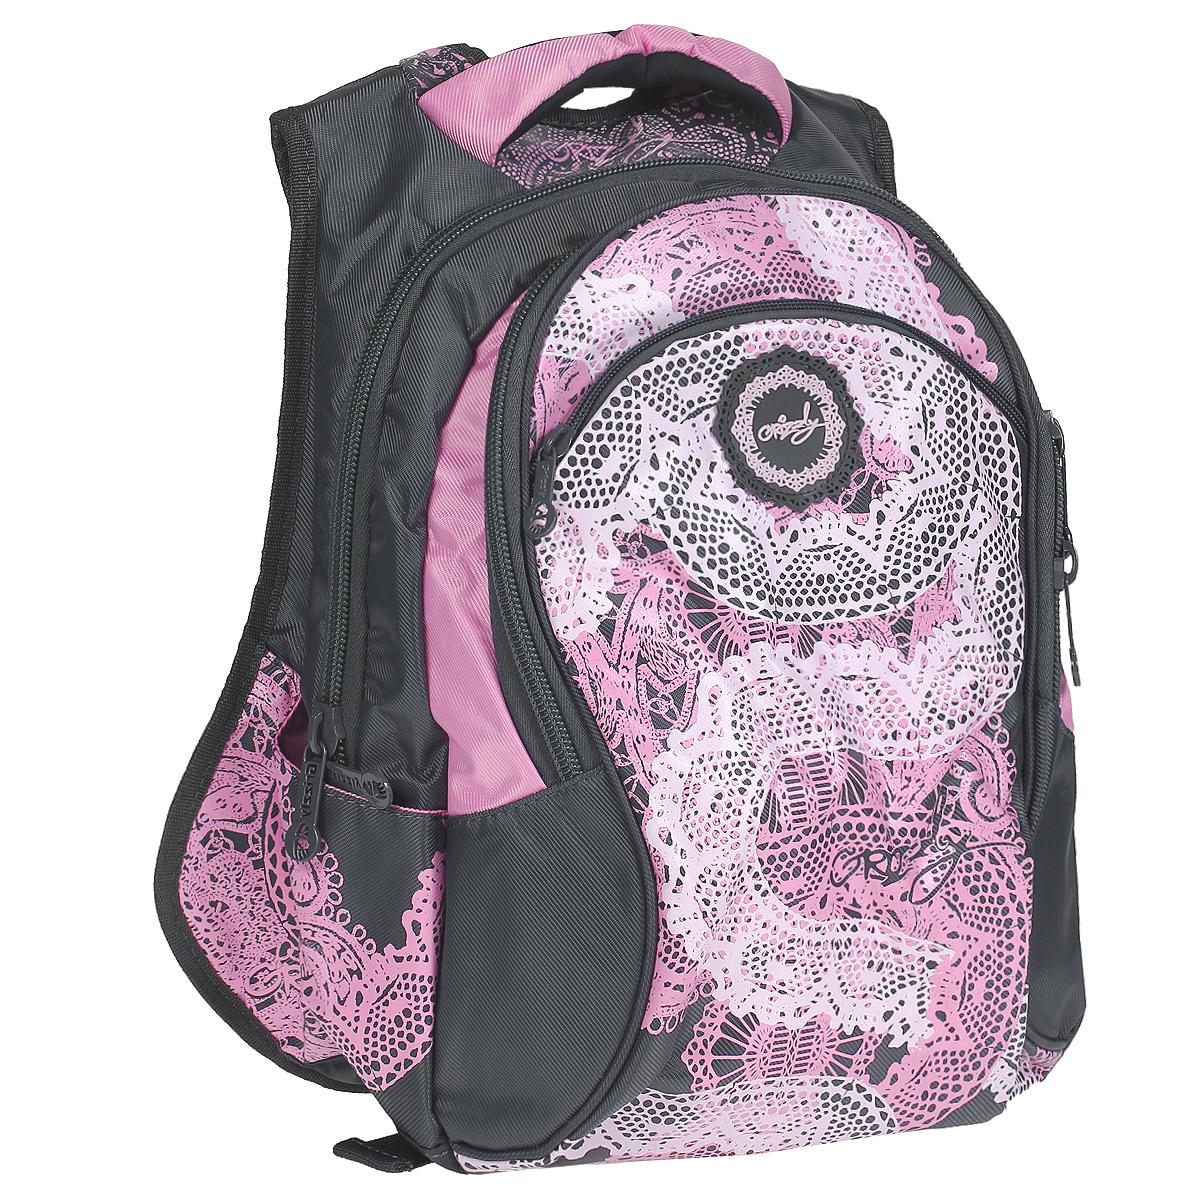 Рюкзак городской Grizzly, цвет: серый, розовый. RD-216-1П959-04Стильный рюкзак Grizzly выполнен из полиэстера серого цвета с розовыми вставками и оформлен оригинальным изображением. Рюкзак оснащен одним основным отделением, закрывающимся на застежку-молнию.На внешней стороне рюкзака расположен вместительный накладной карман на застежке-молнии. Внутри расположен два кармашка для мелочей и телефона и три кармашка для пишущих принадлежностей. Также на внешней стороне расположен еще один маленький кармашек на молнии. По бокам сумки расположены два маленьких открытых кармашка. Рюкзак оснащен мягкими плечевыми лямками, мягкой спинкой с сетчатой поверхностью, текстильной ручкой для удобной переноски и двумя сетчатыми кармашками по бокам.Бегунки снабжены удобными держателями. Характеристики:Цвет: серый, розовый. Размер: 30 см x 12 см х 40 см. Материал:полиэстер, текстиль, металл. Производитель: Россия.